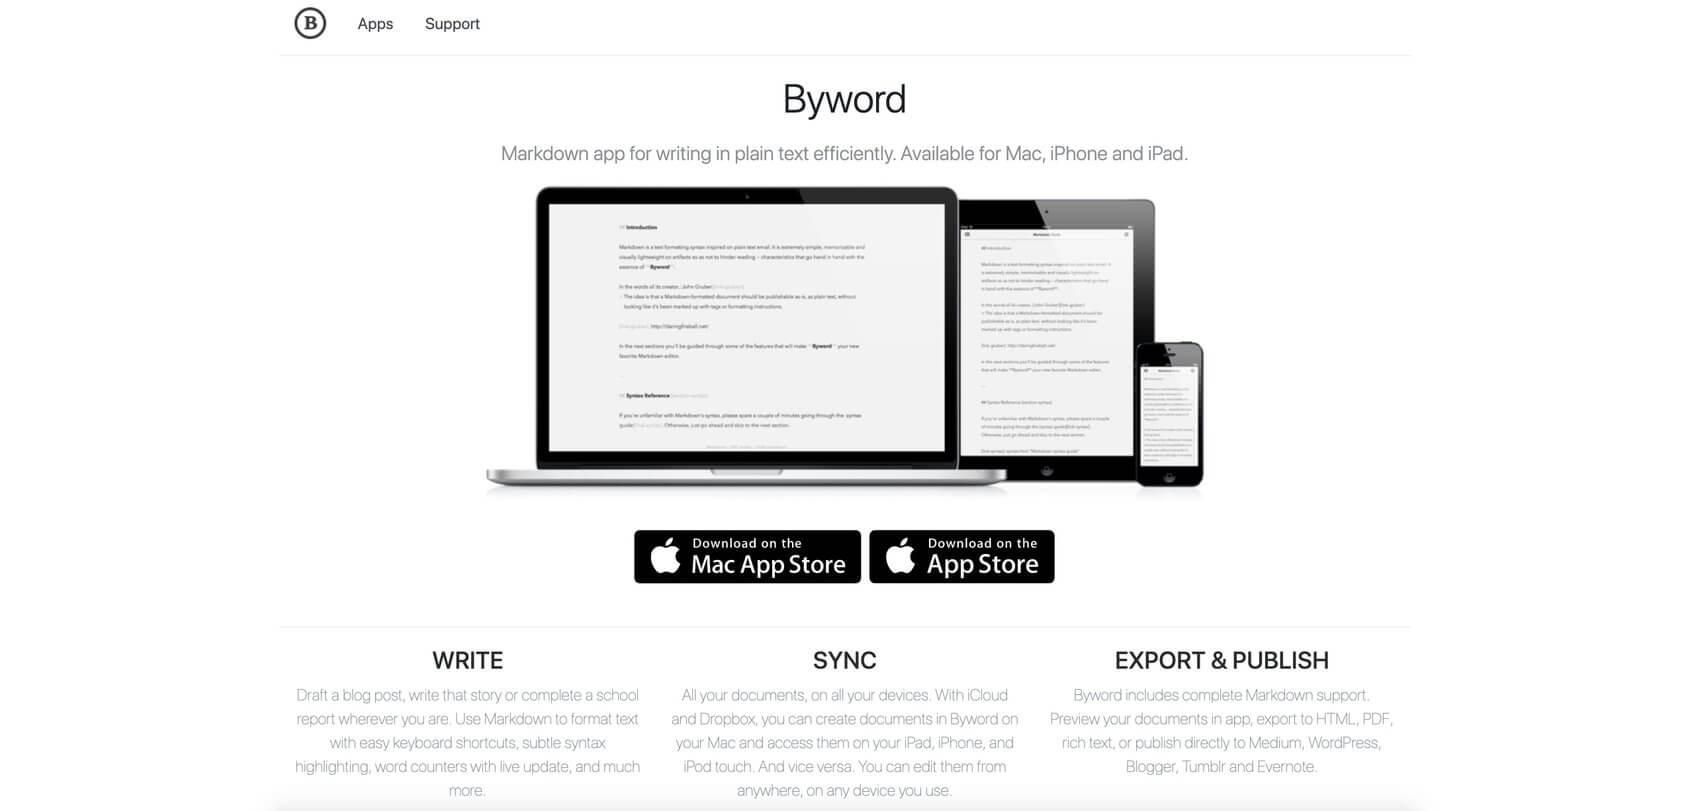 Byword homepage